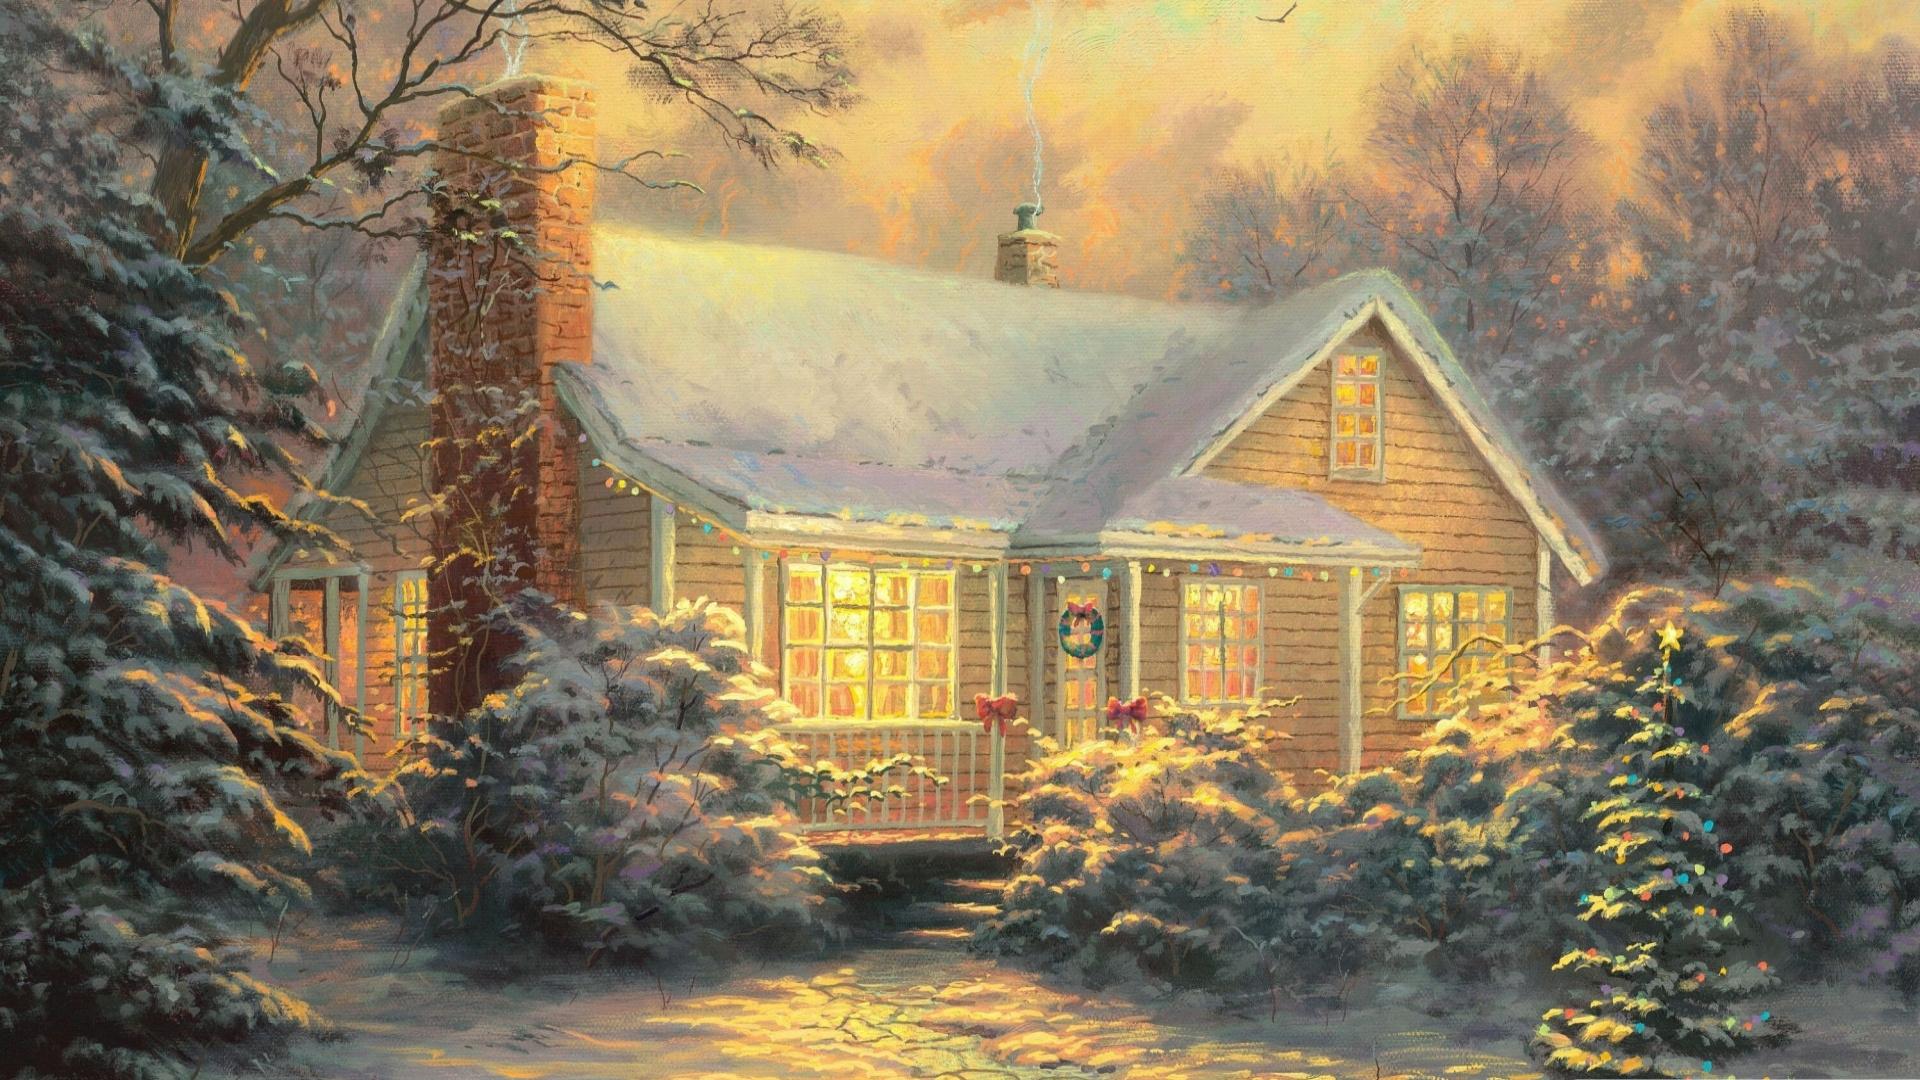 красивые картинки с новогодними пейзажами был уверен